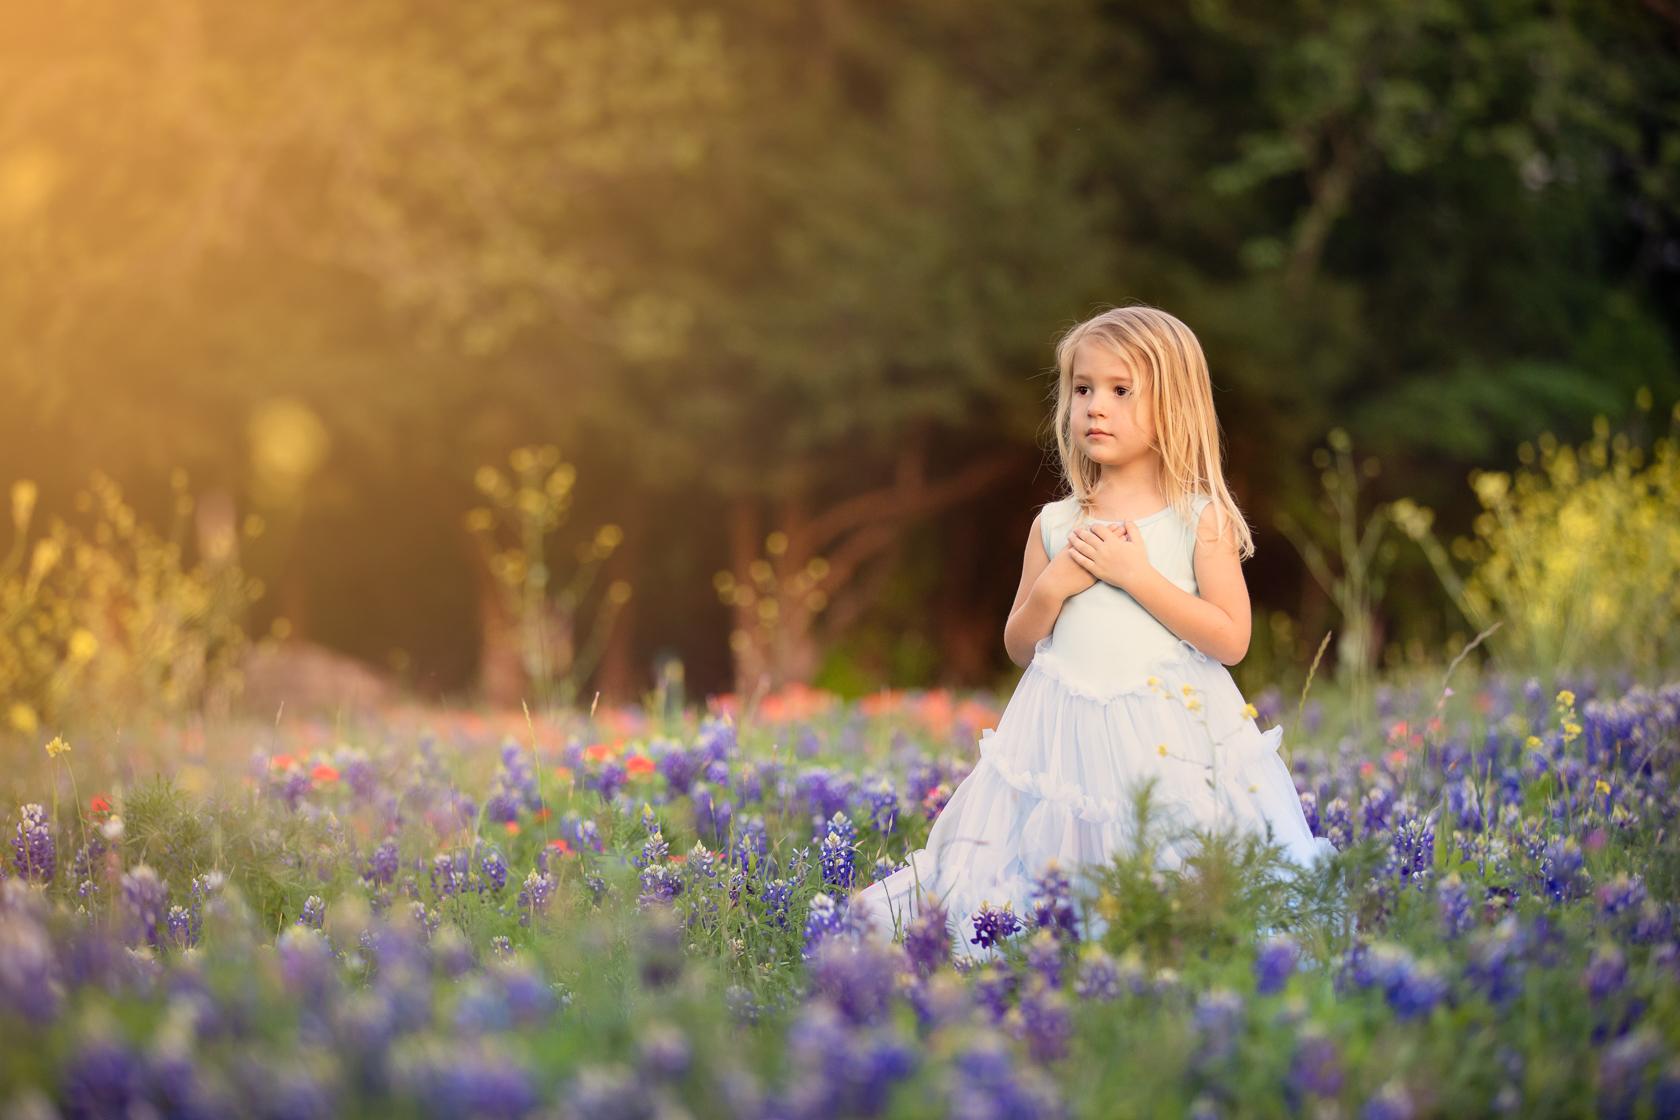 Southlake Child Photographer